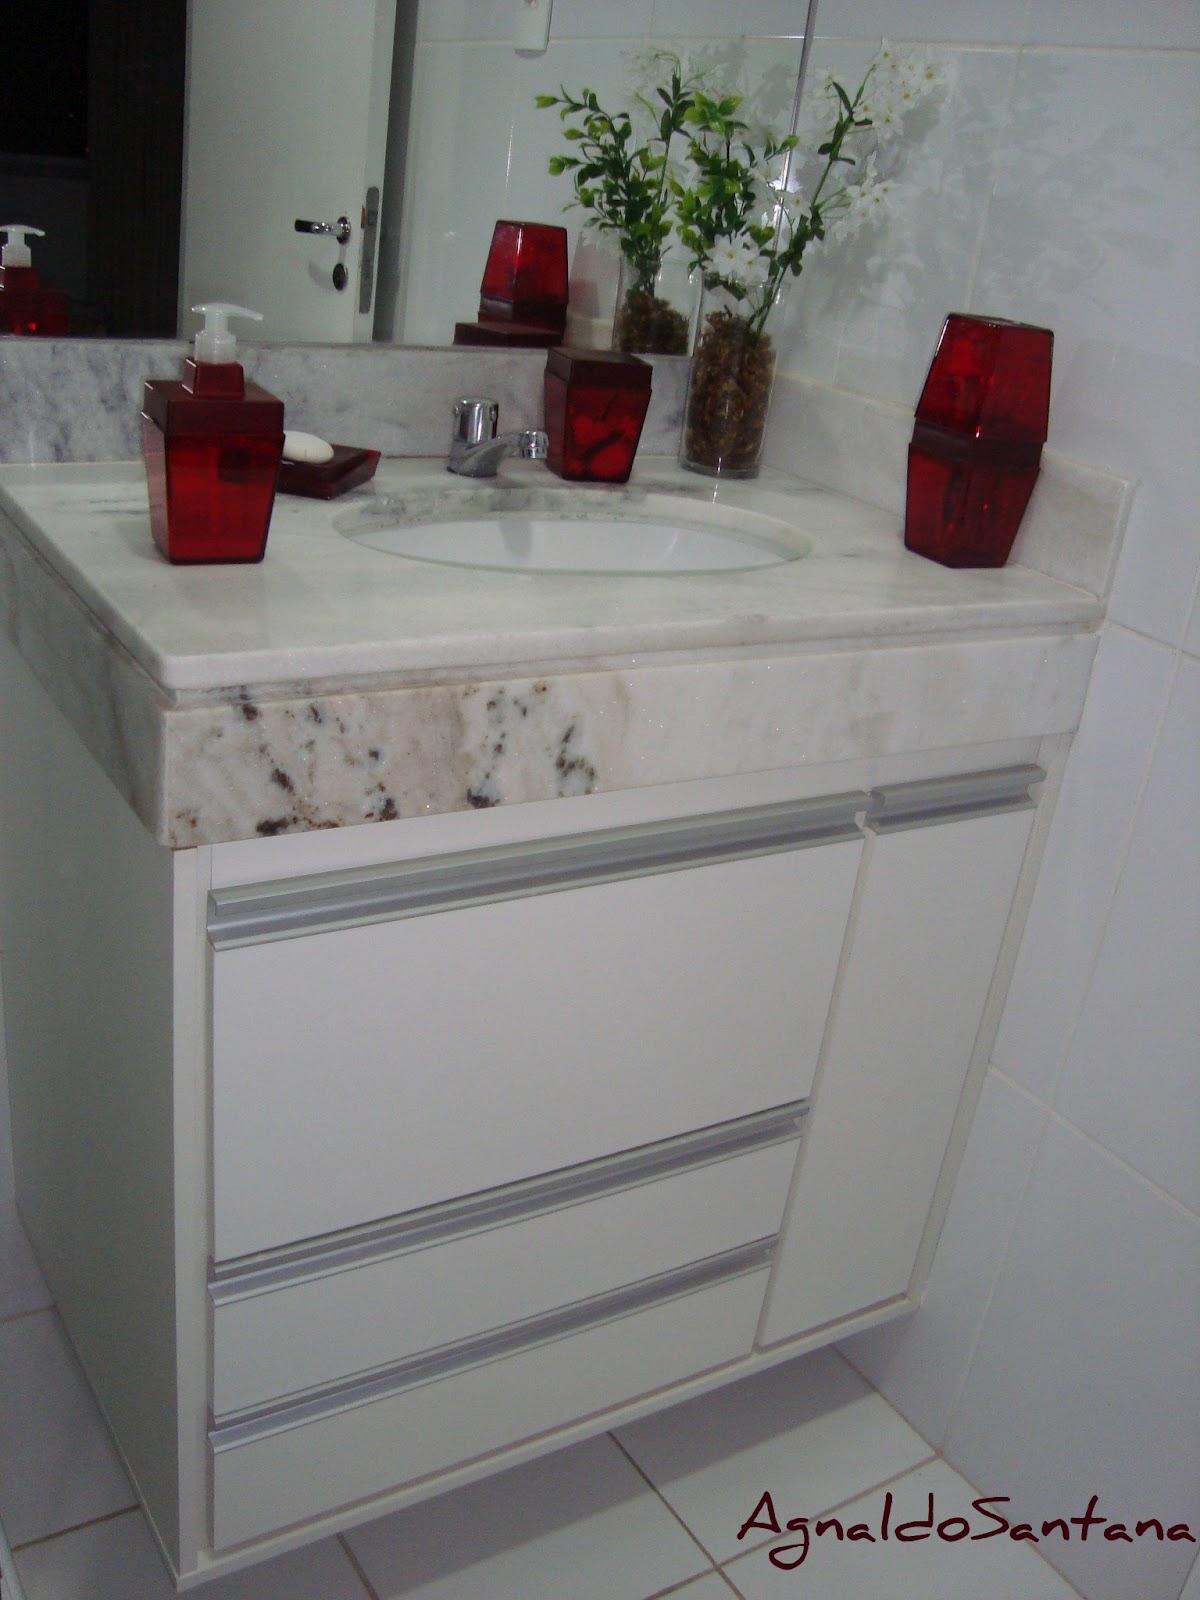 Agnaldo Santana : Banheiros #5E272A 1200x1600 Armario Banheiro Aluminio